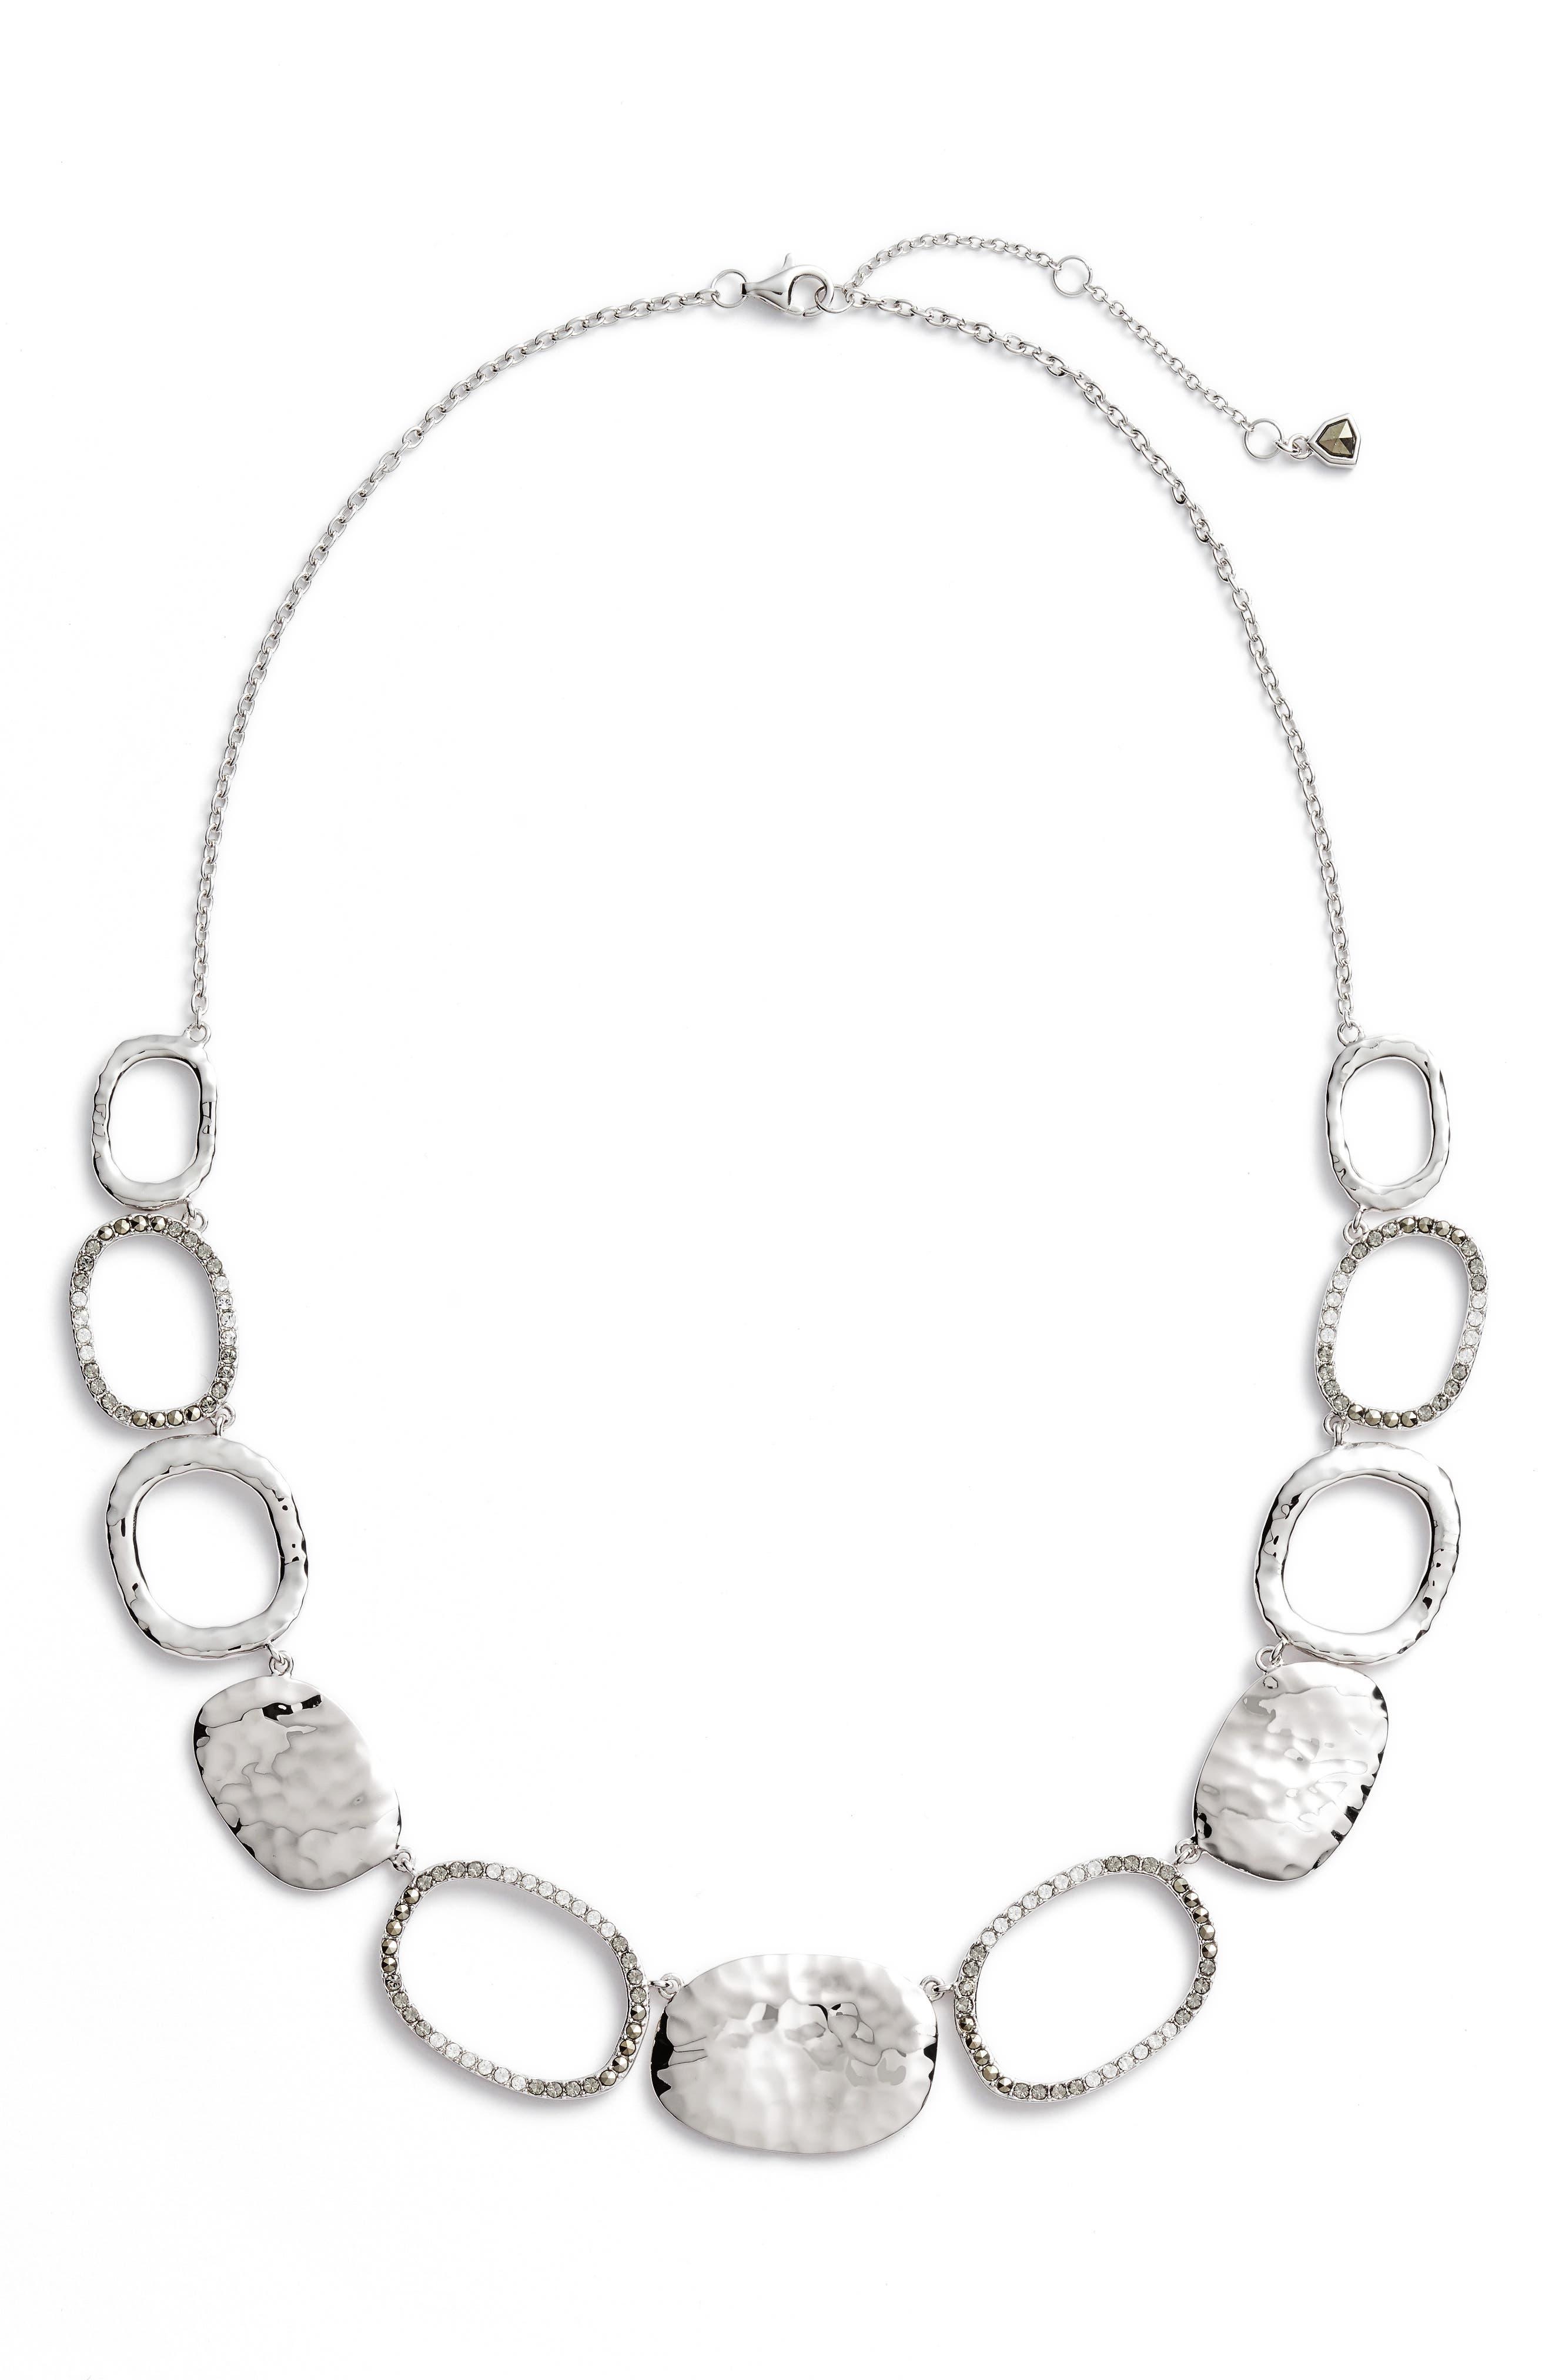 Collar Necklace,                             Main thumbnail 1, color,                             SILVER